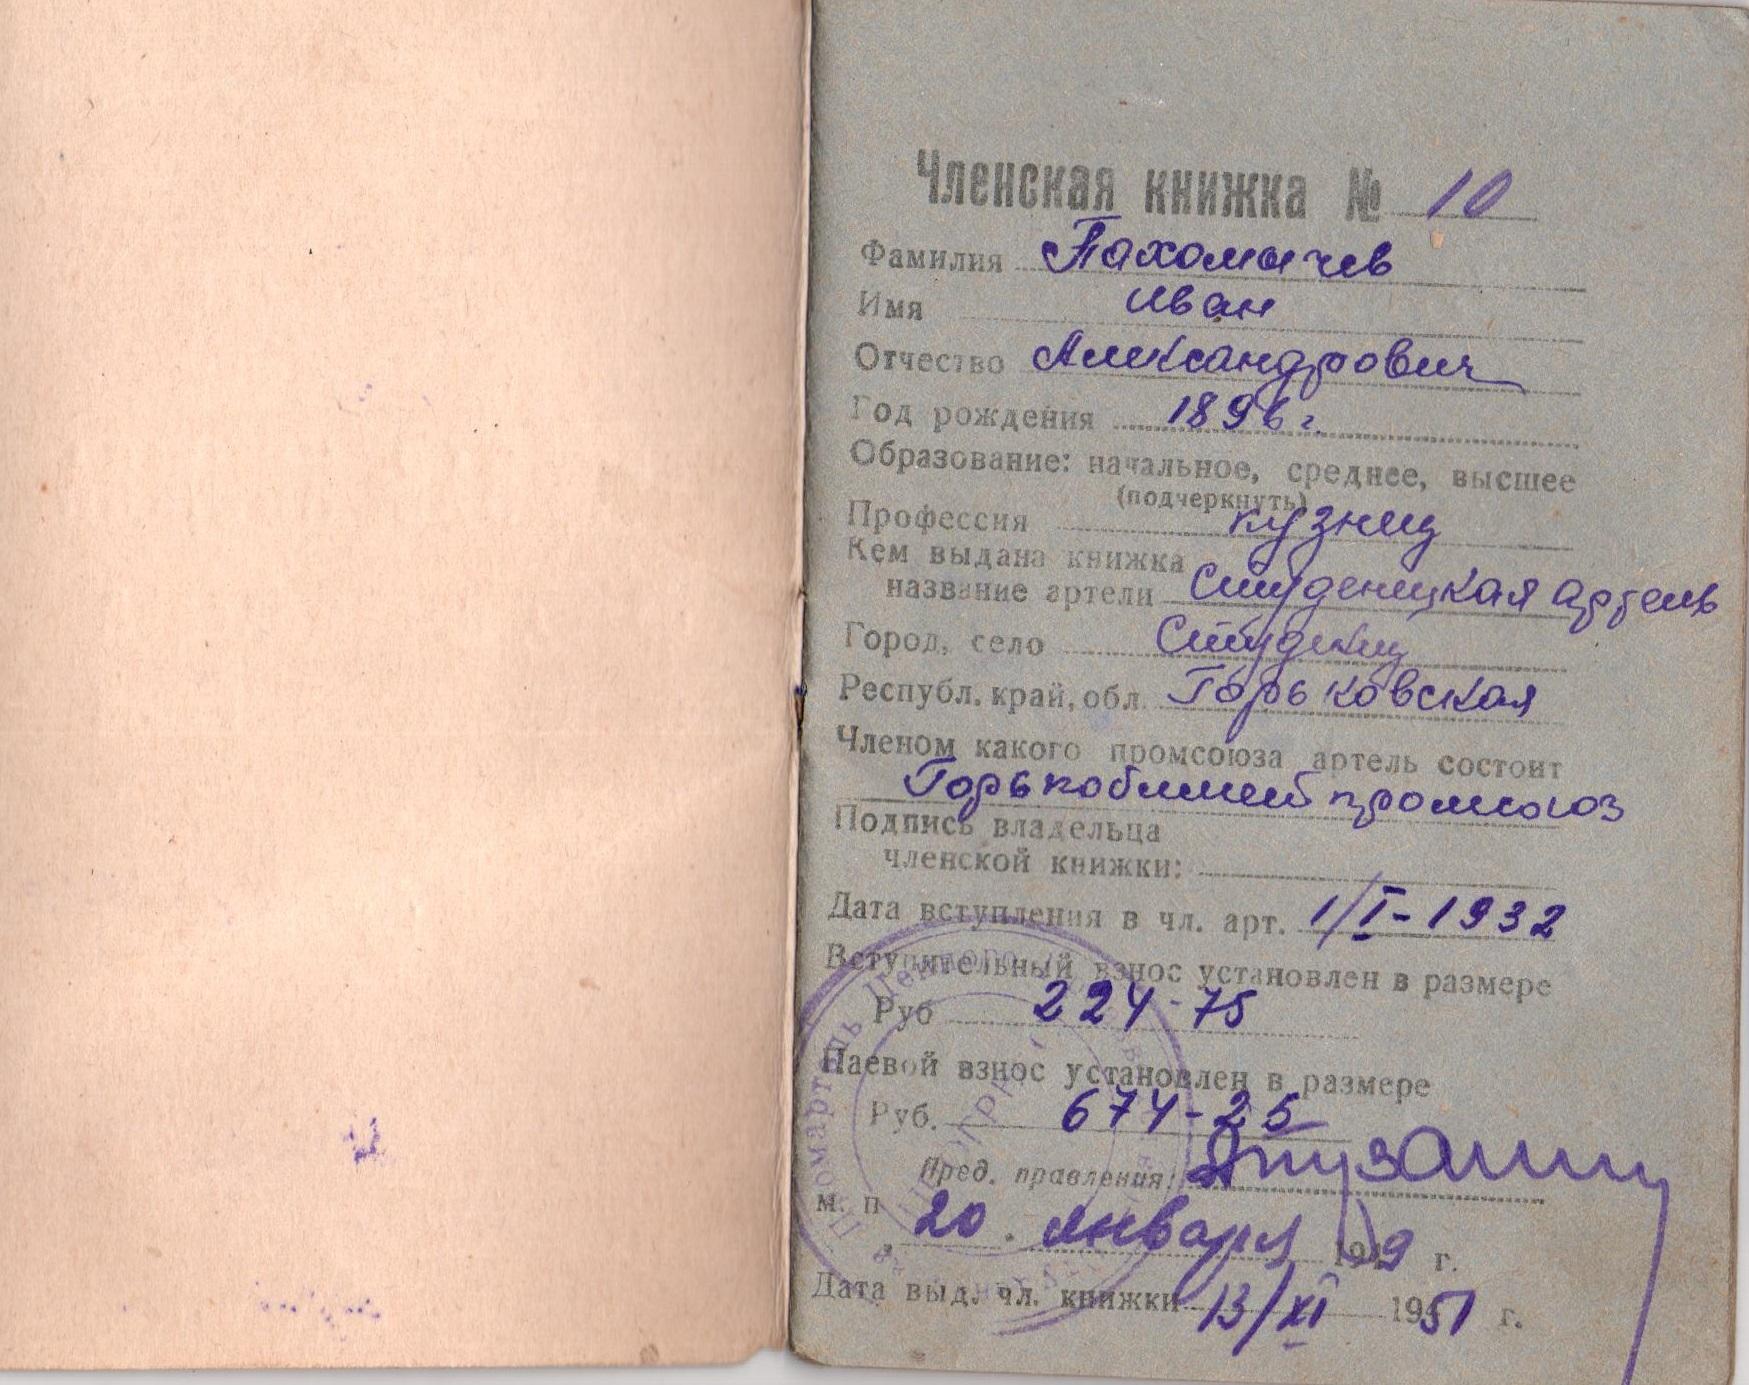 Иван Александрович Пахомычев Членский билет